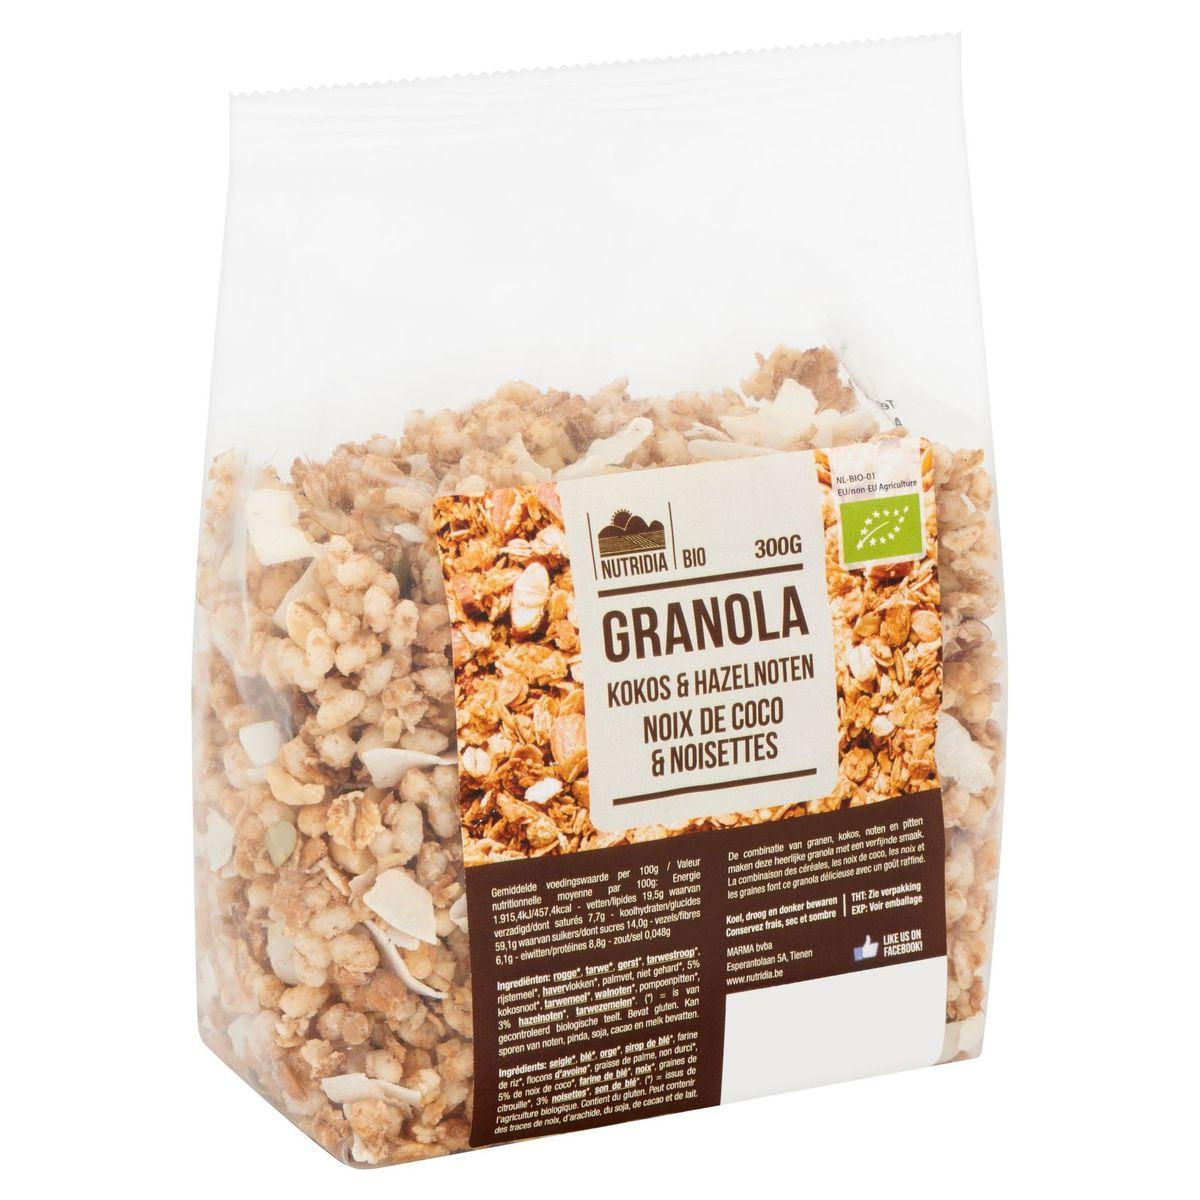 Nutridia Bio Granola Noix de Coco & Noisettes 300 g